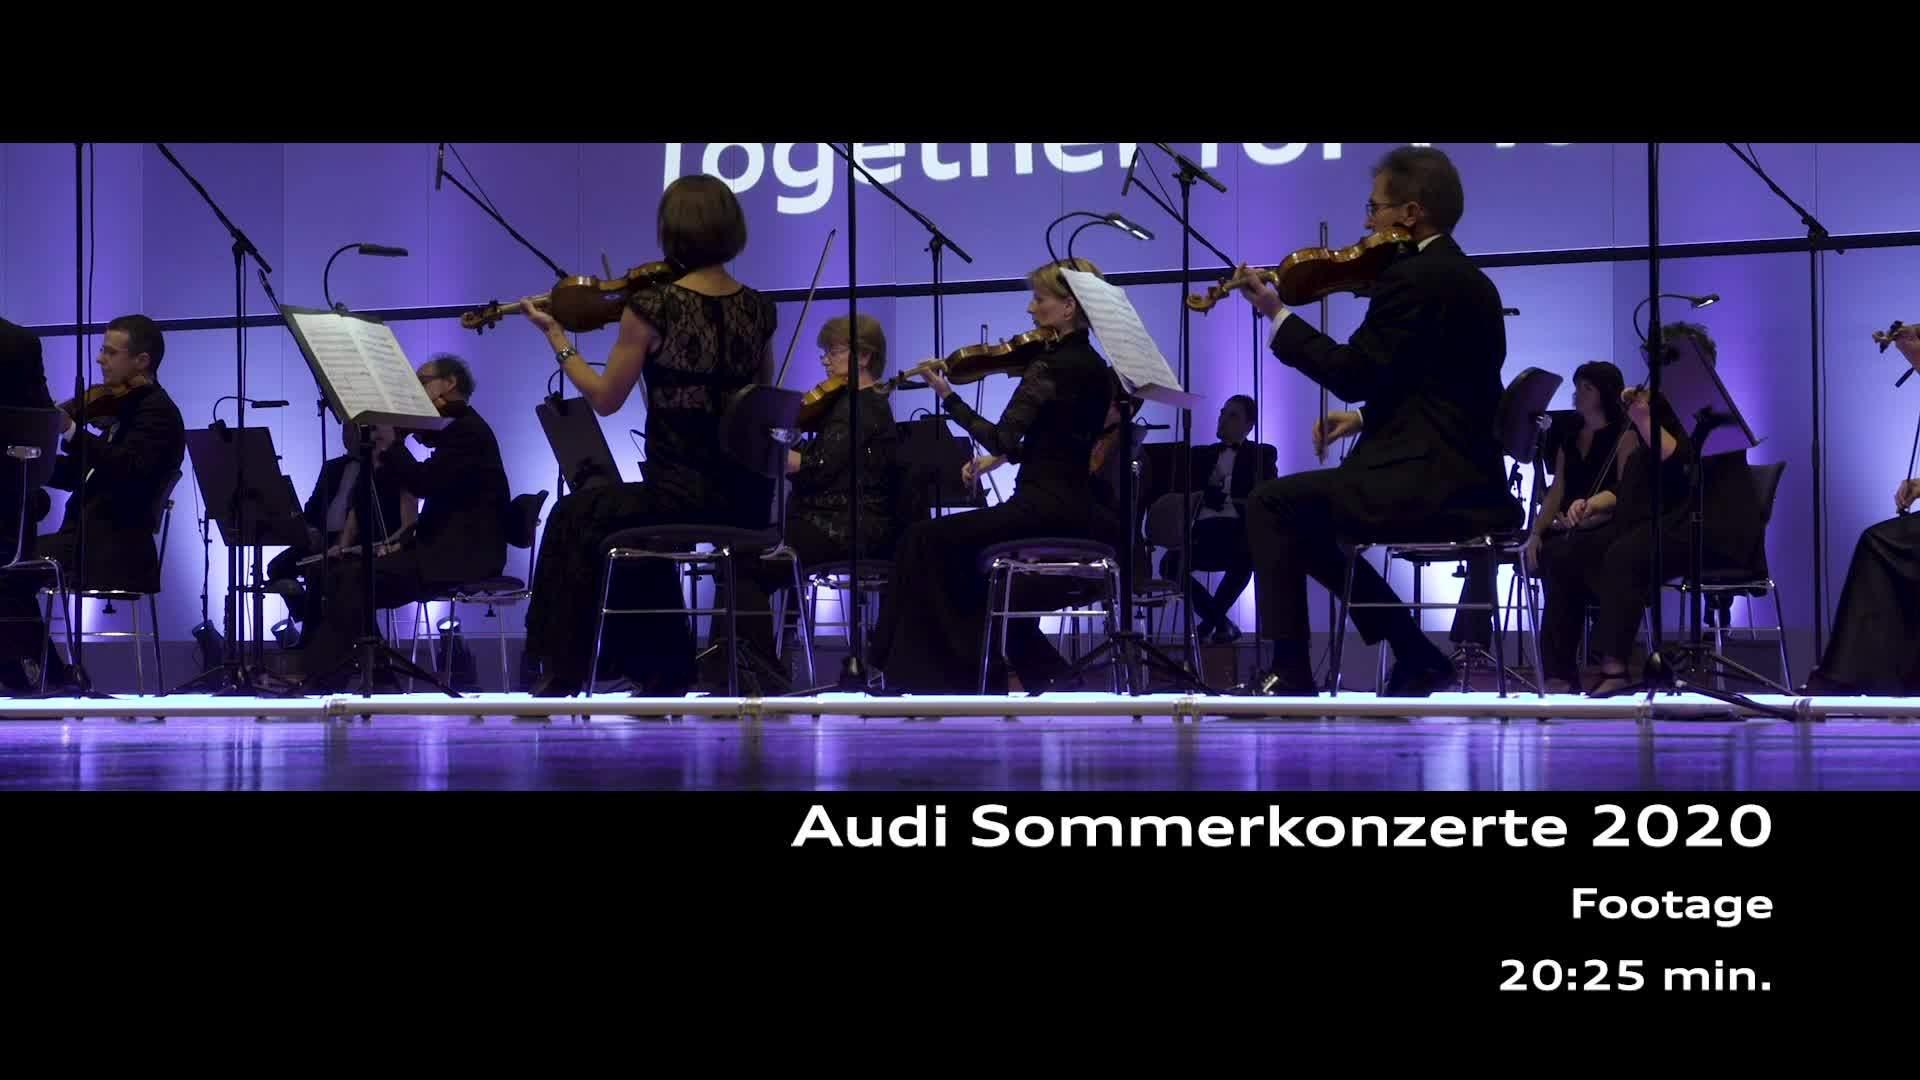 Footage der Audi Sommerkonzerte 2020